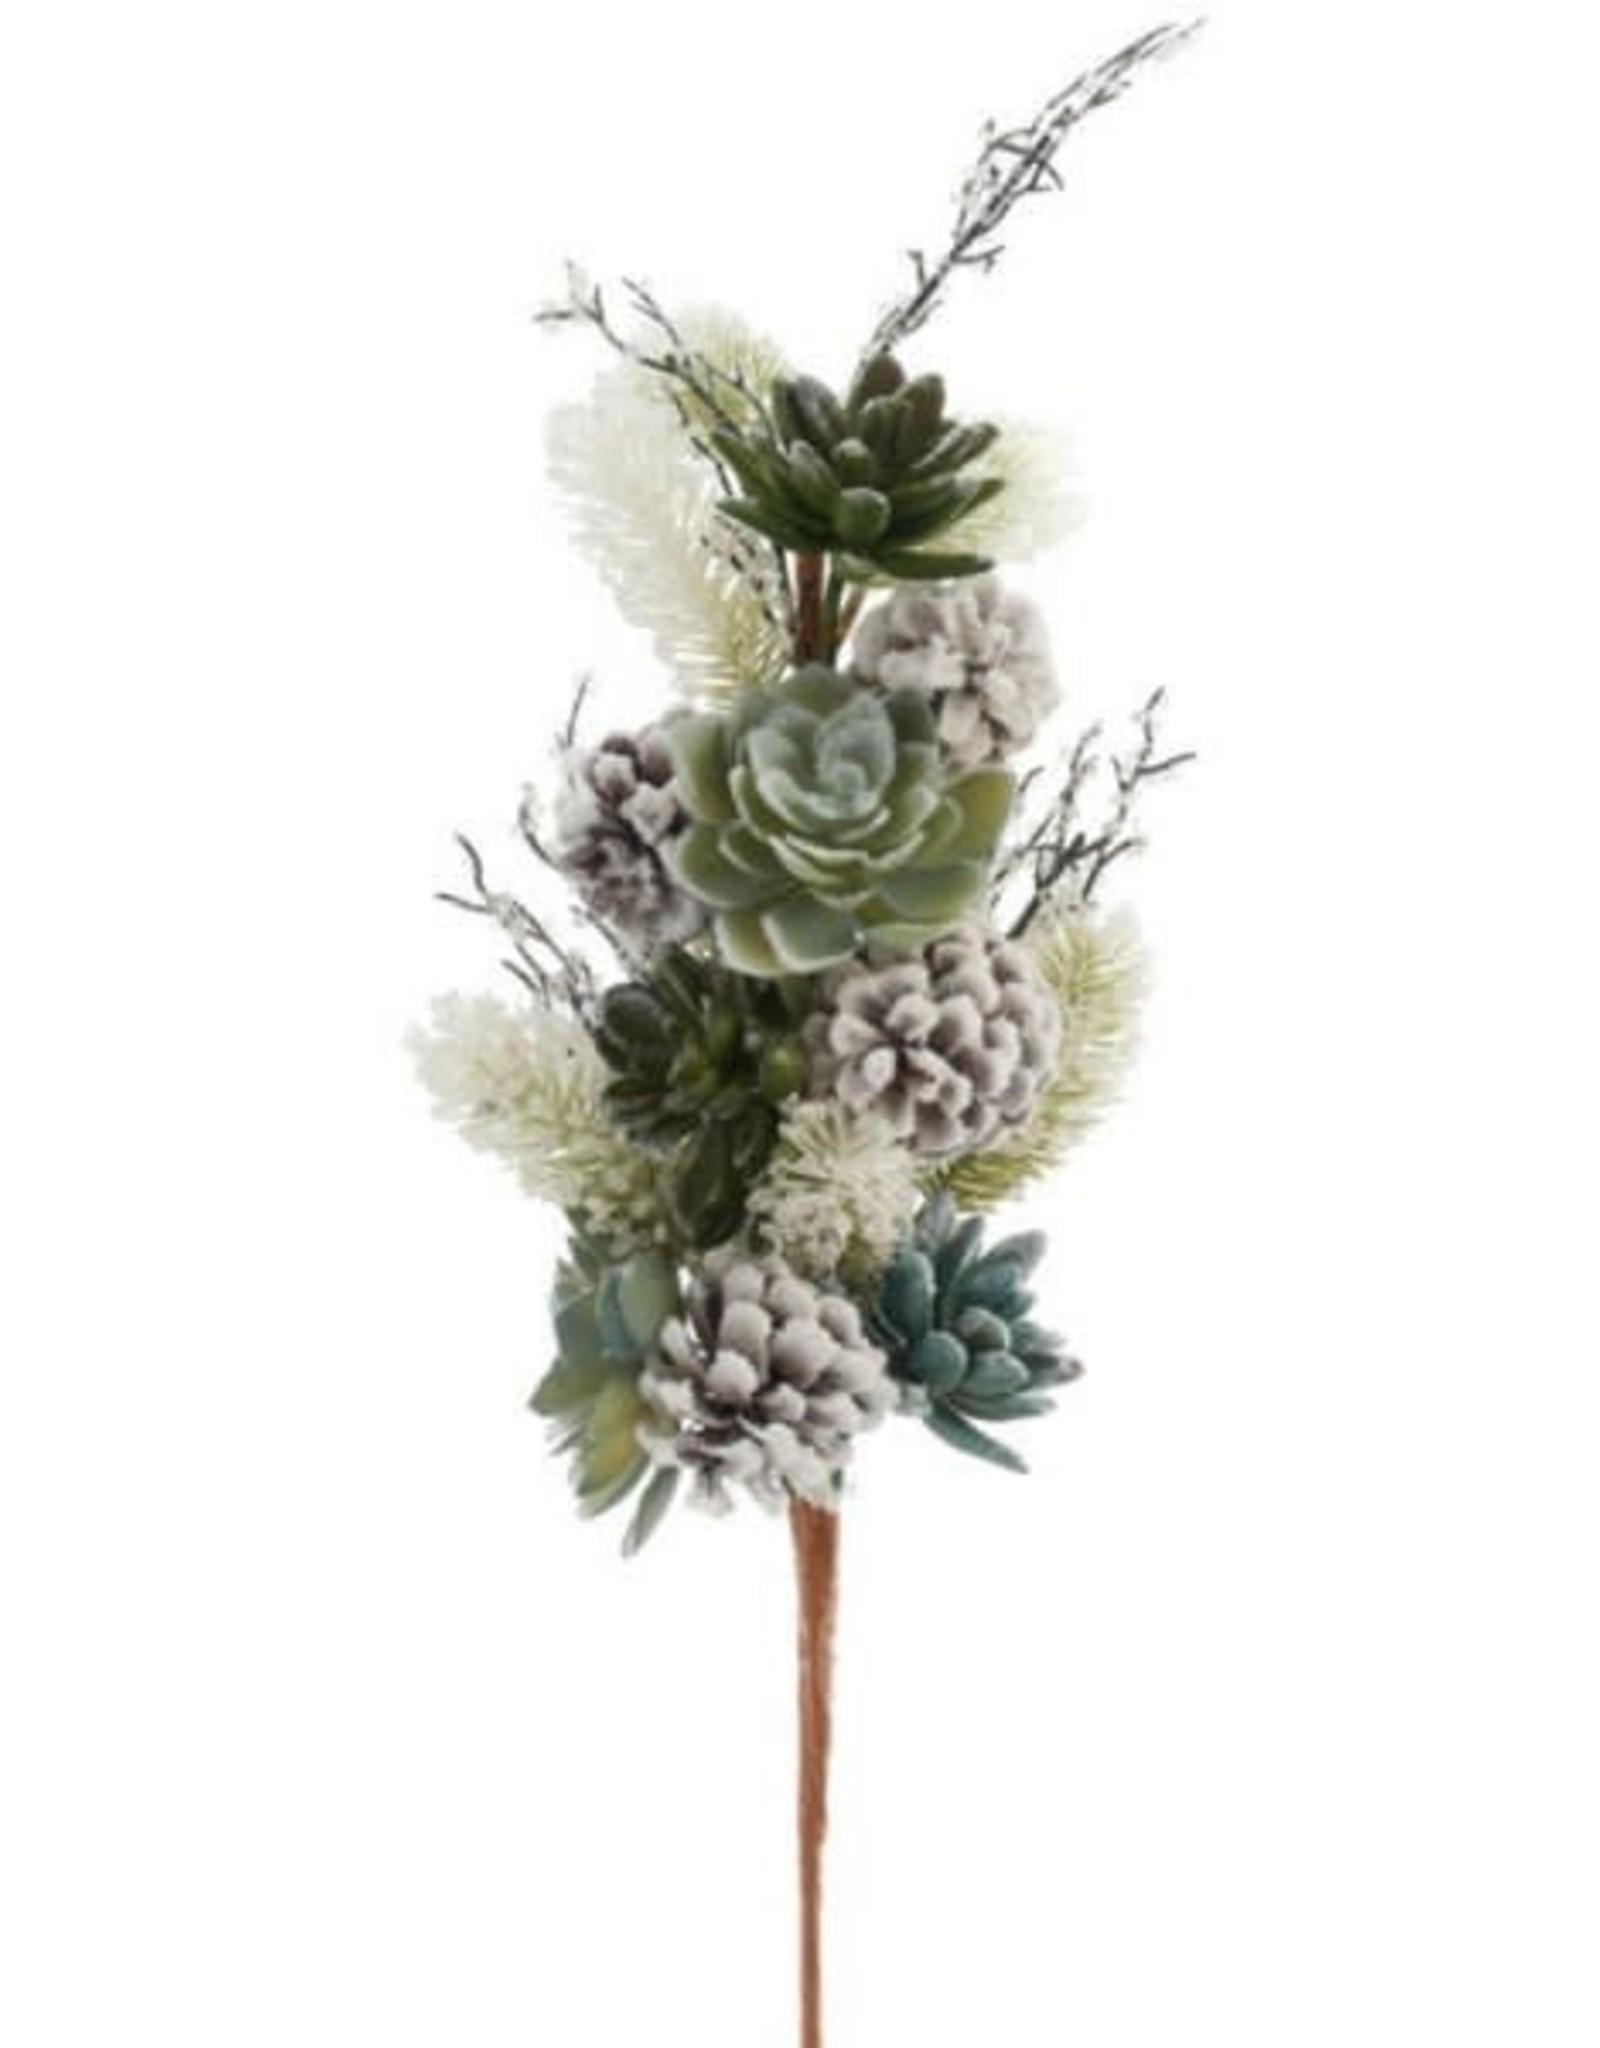 Branche décorative - Succulentes & cocottes 25''